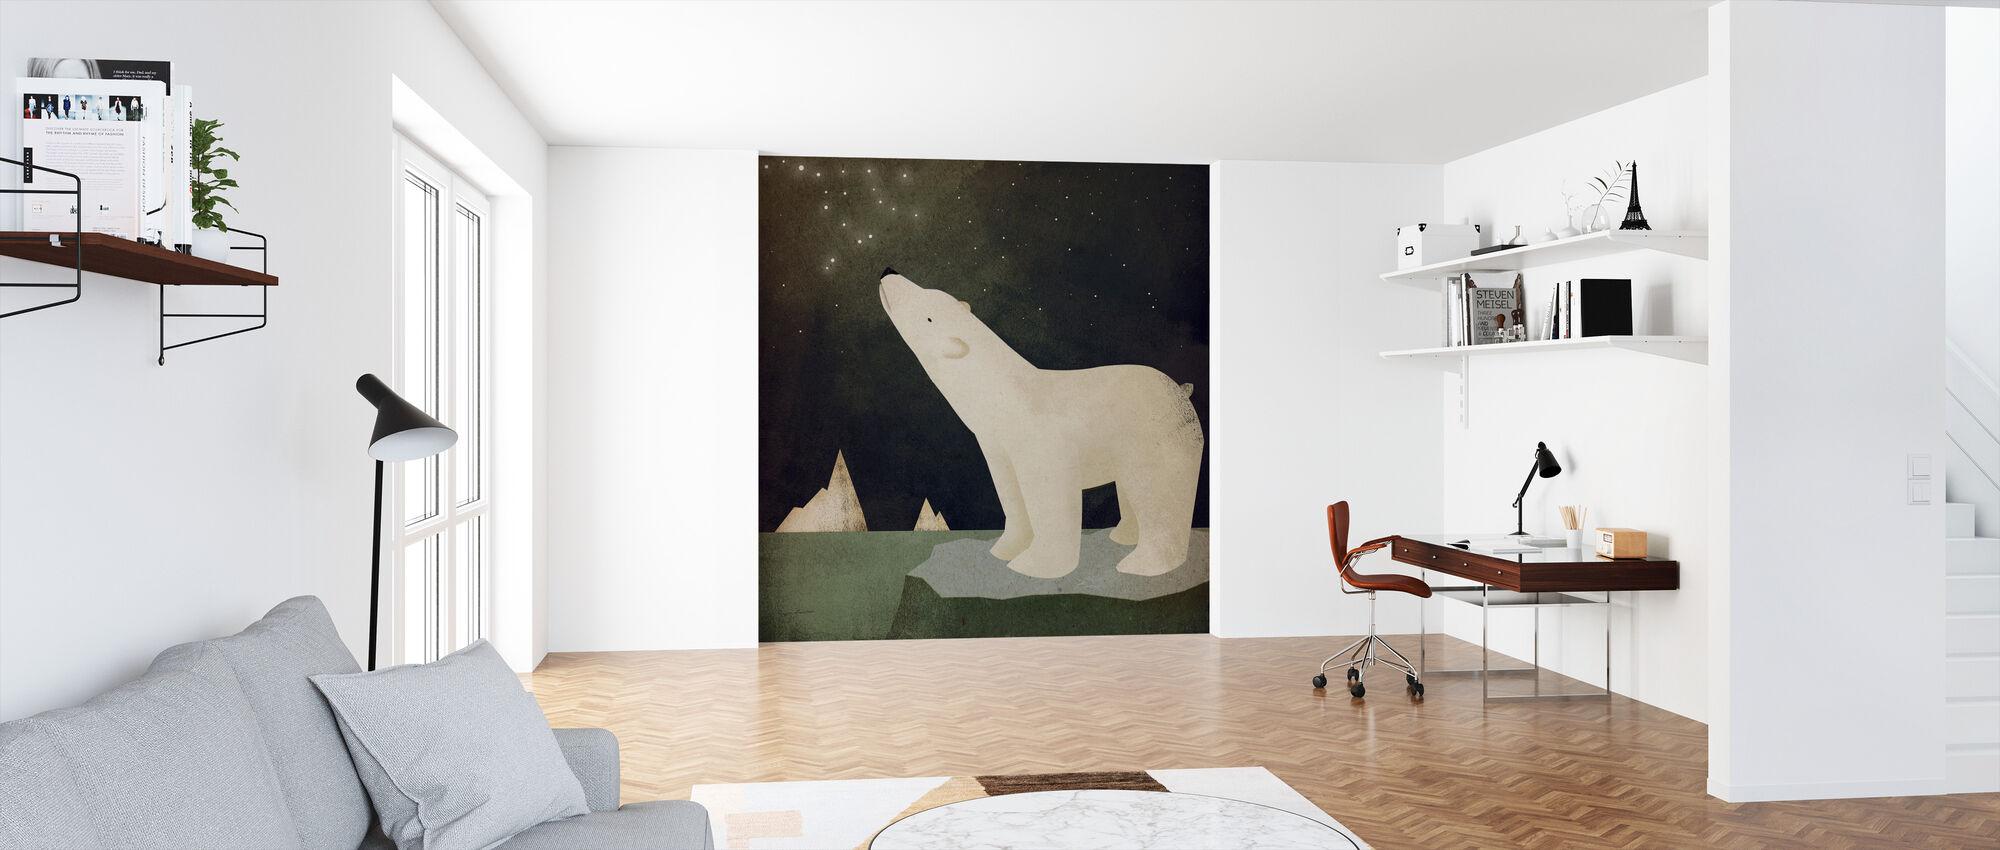 Constellations Polar Bear - Wallpaper - Office